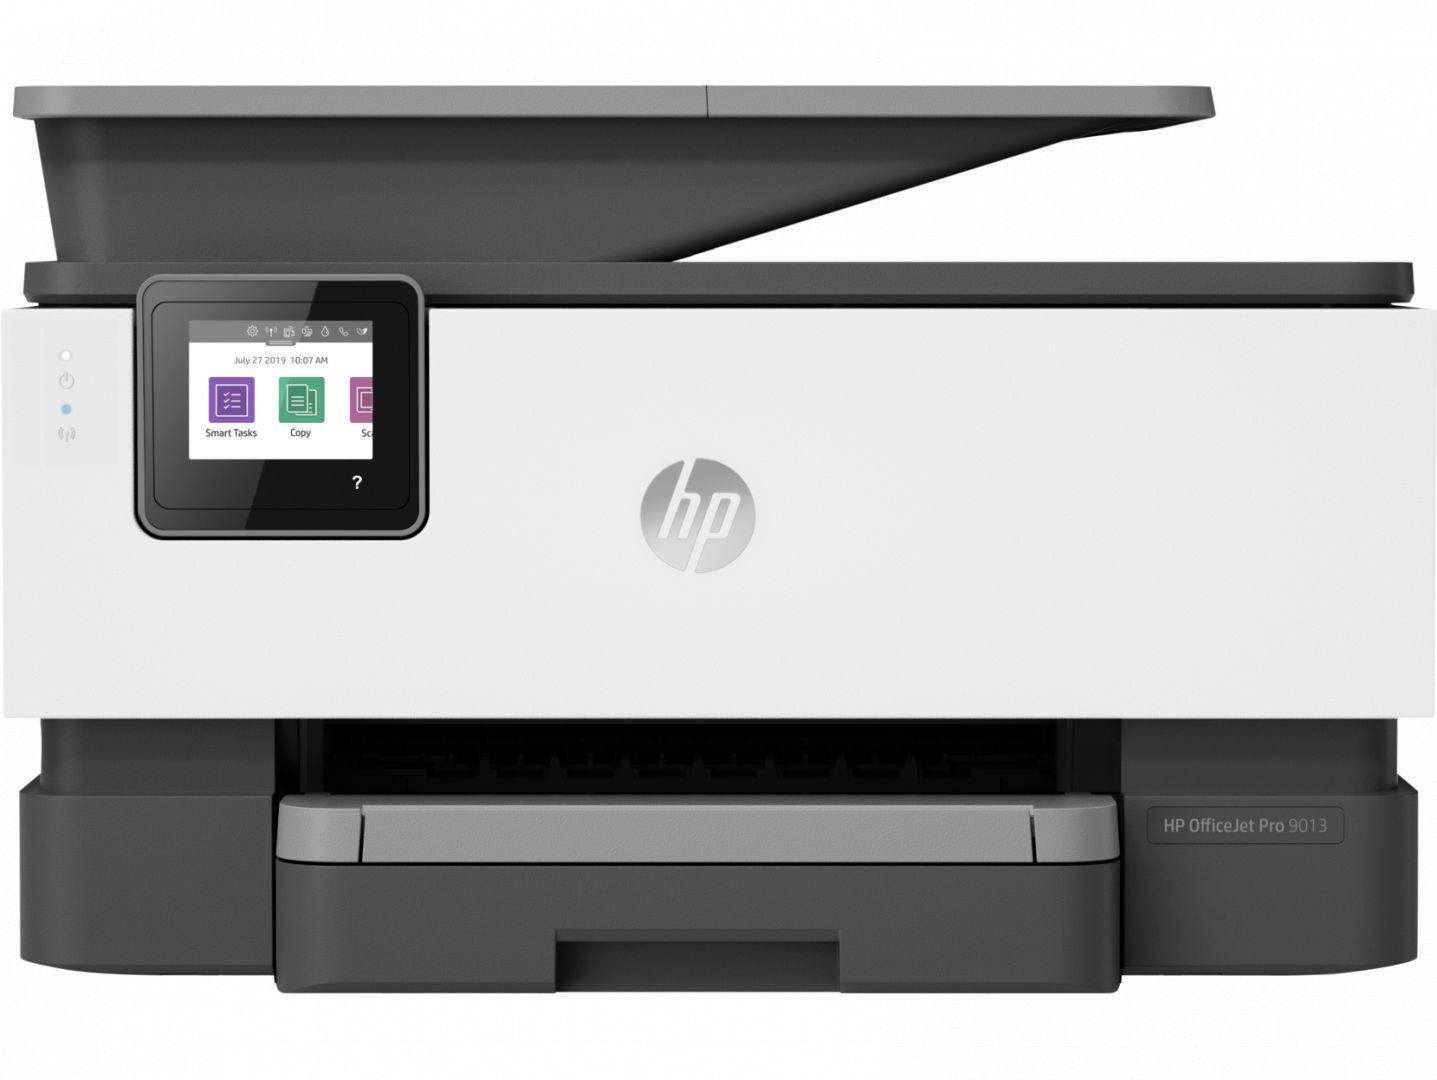 Multifunkciós nyomtató HP Officejet Pro 9013 (1KR49B) wireless tintasugaras nyomtató/másoló/síkágyas scanner/fax